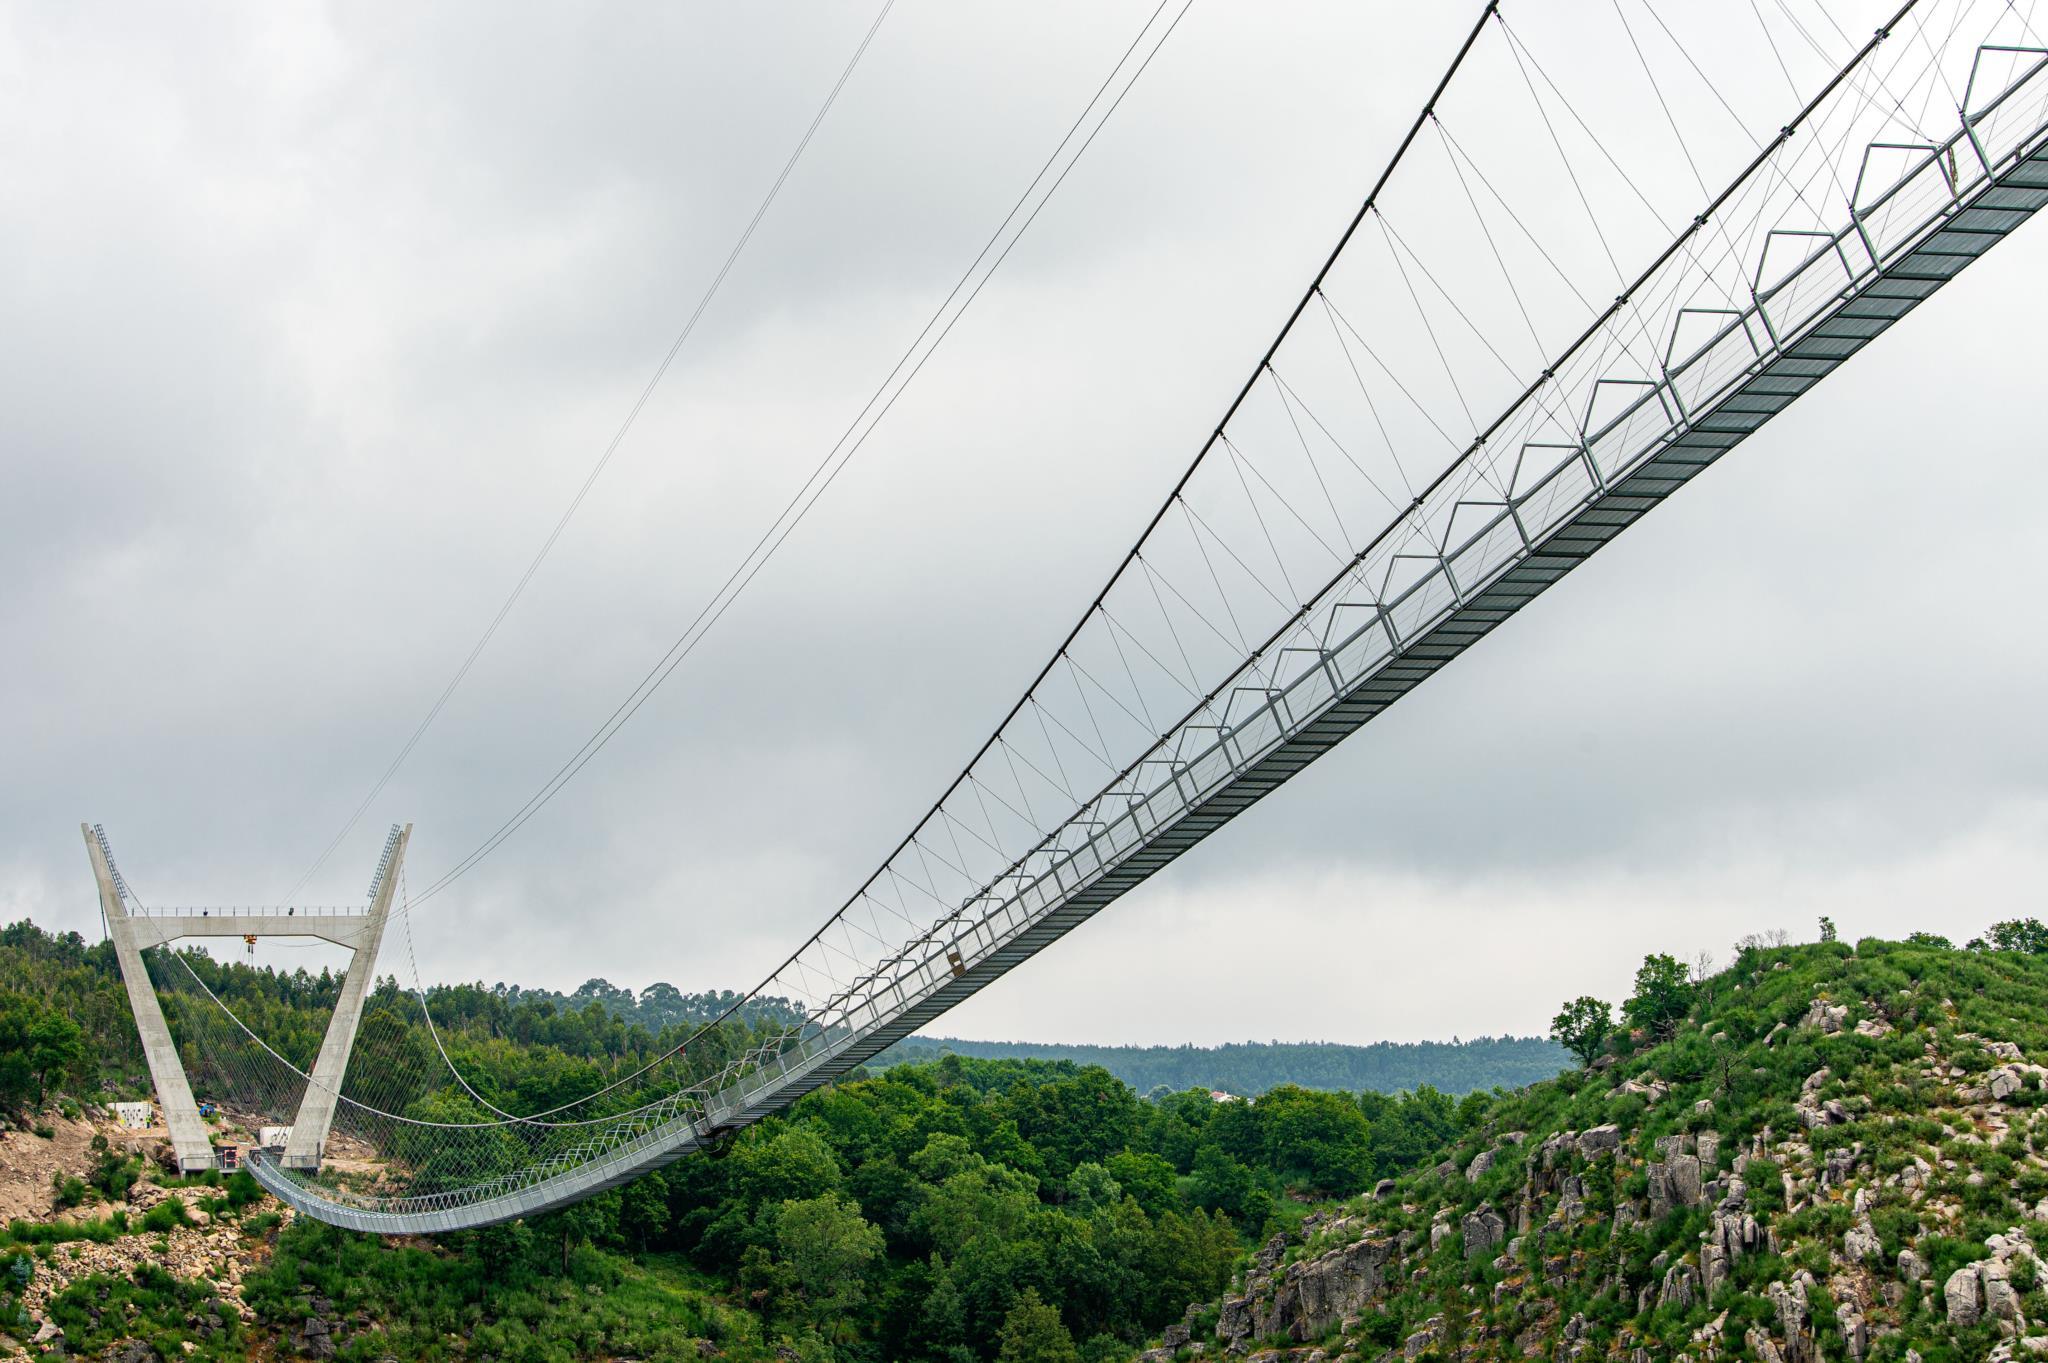 Arouca aguarda abertura da maior ponte pedonal suspensa do mundo | Turismo  | PÚBLICO